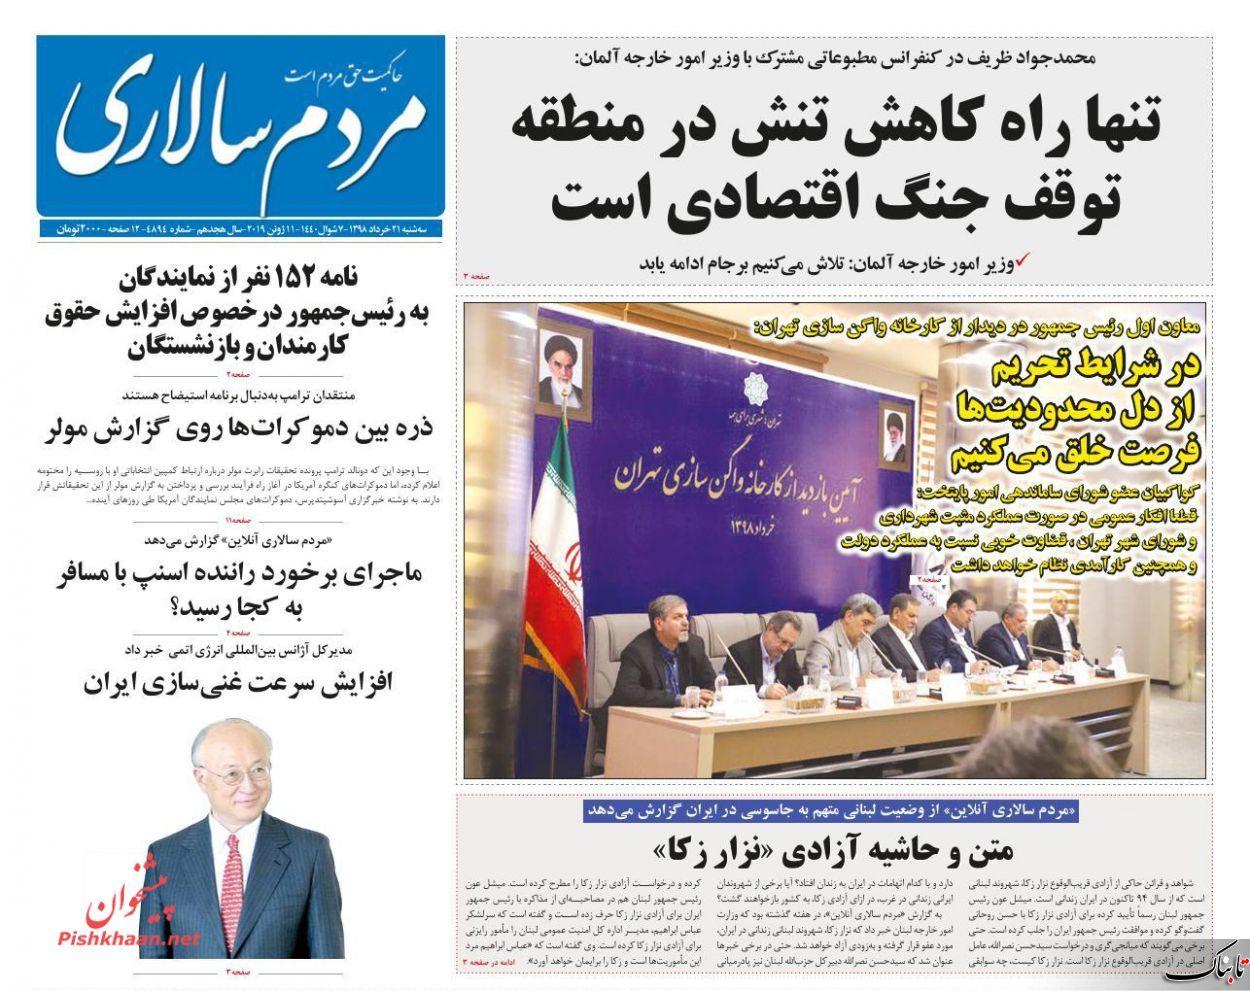 آنچه میانجیها باید به ترامپ برسانند! /گفتگوهای سخت در تهران و دستاورهای احتمالی آن/اقتصاد ایران باید خود را از سیطره سیاست رها کند